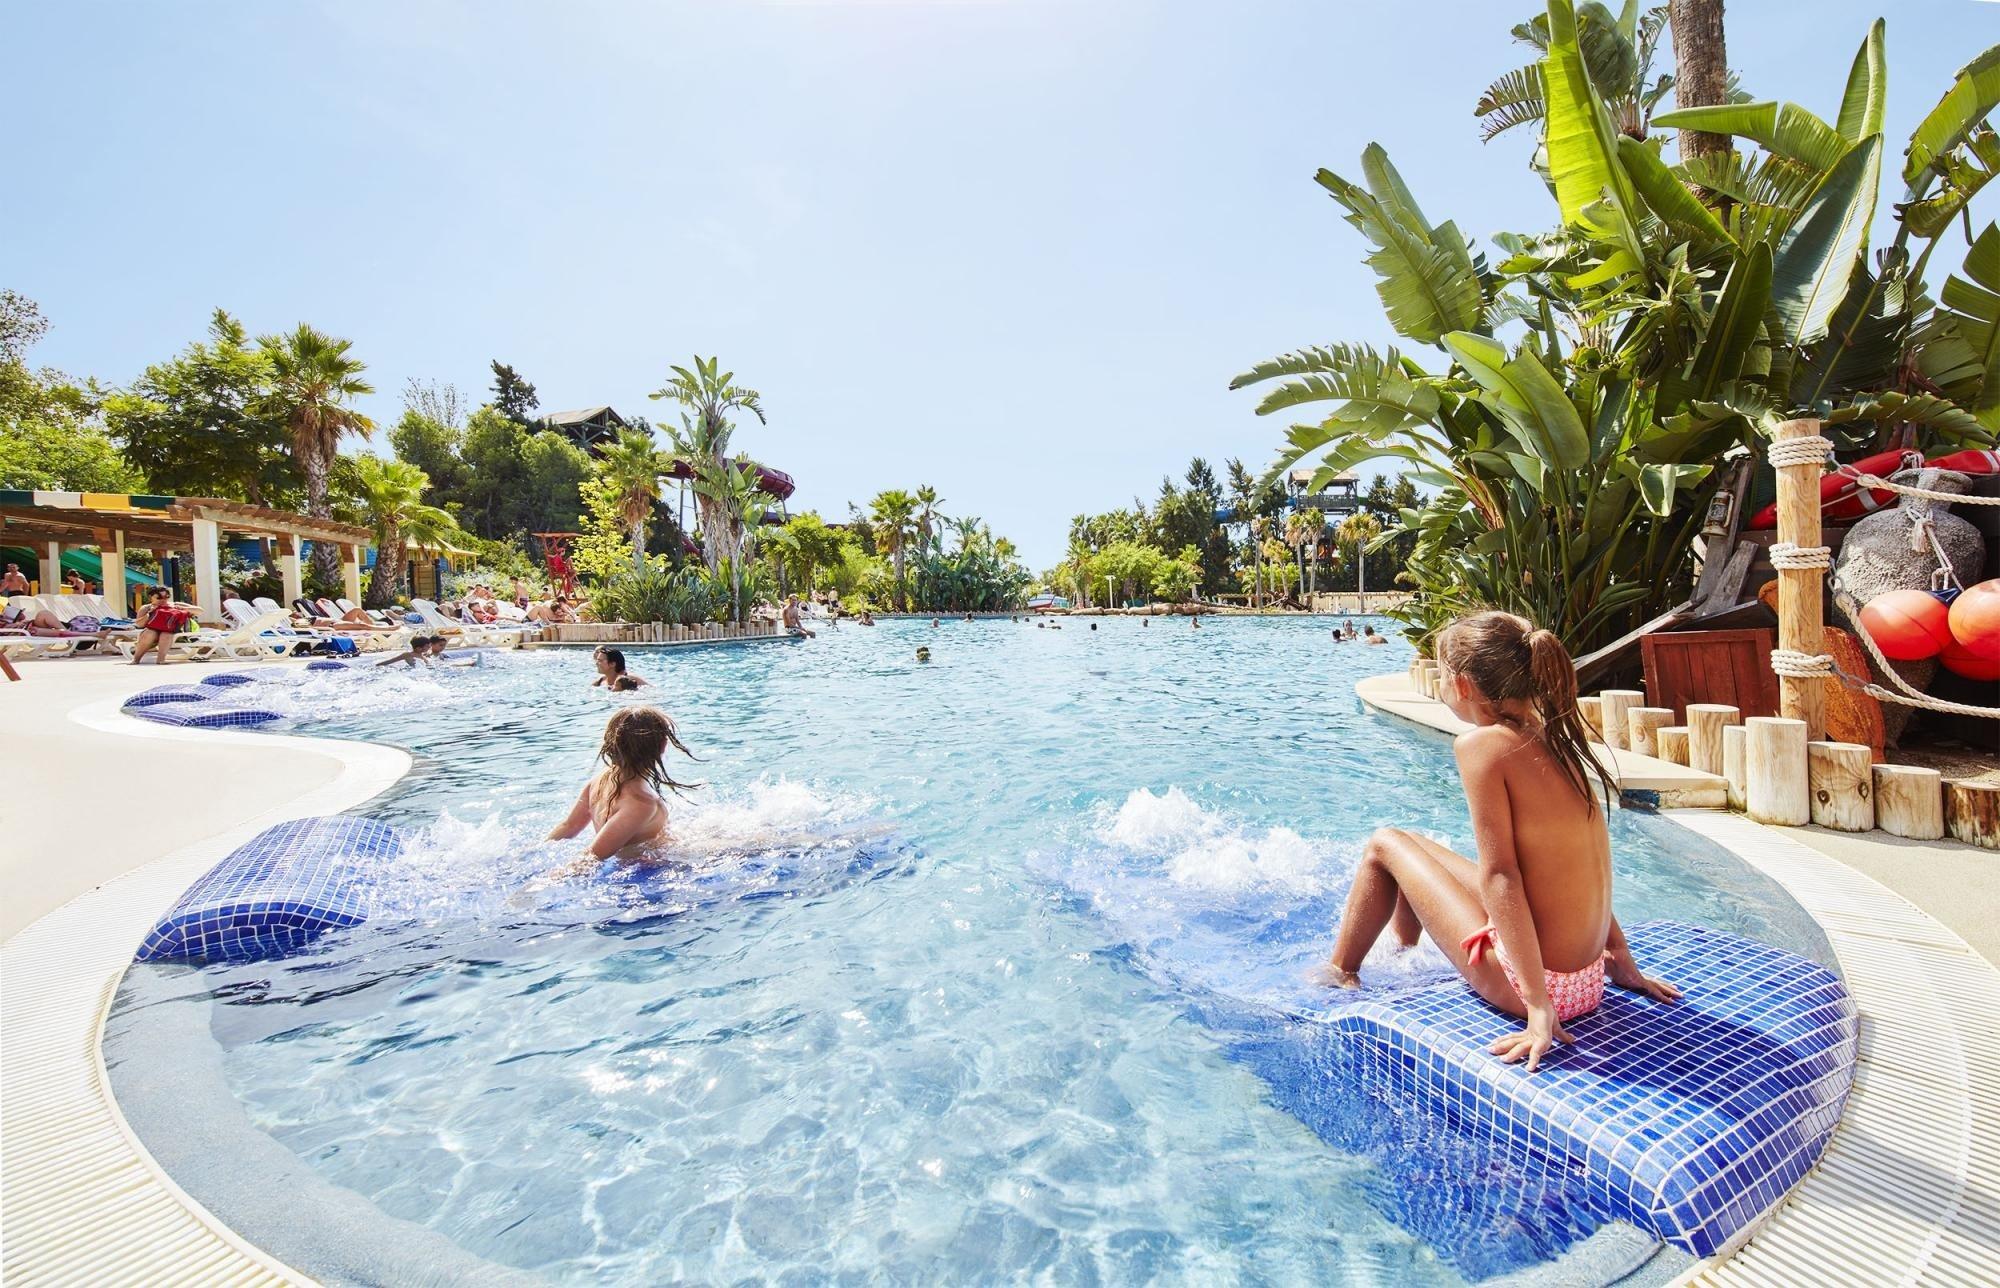 Entrada 1 Dia Caribe Aquatic Park